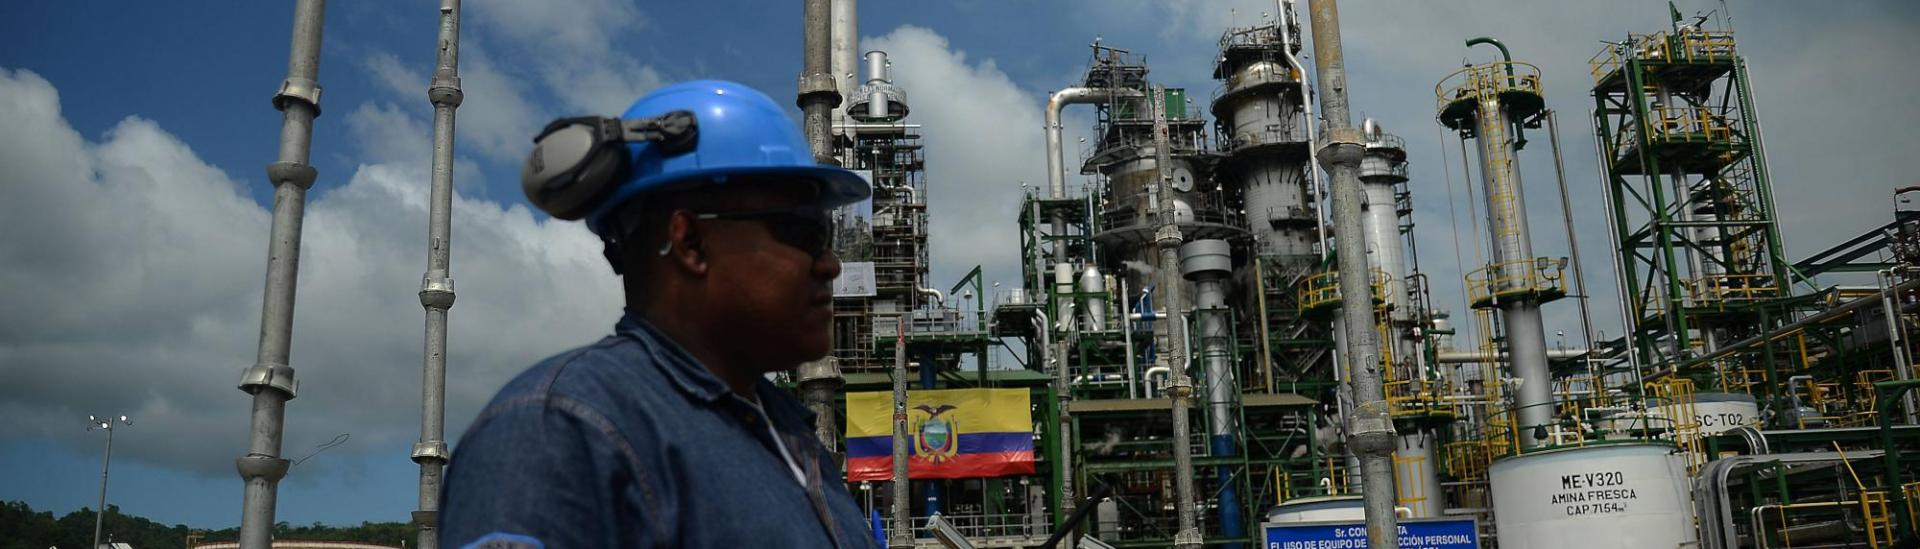 Trabajador en la planta de Petroecuador.